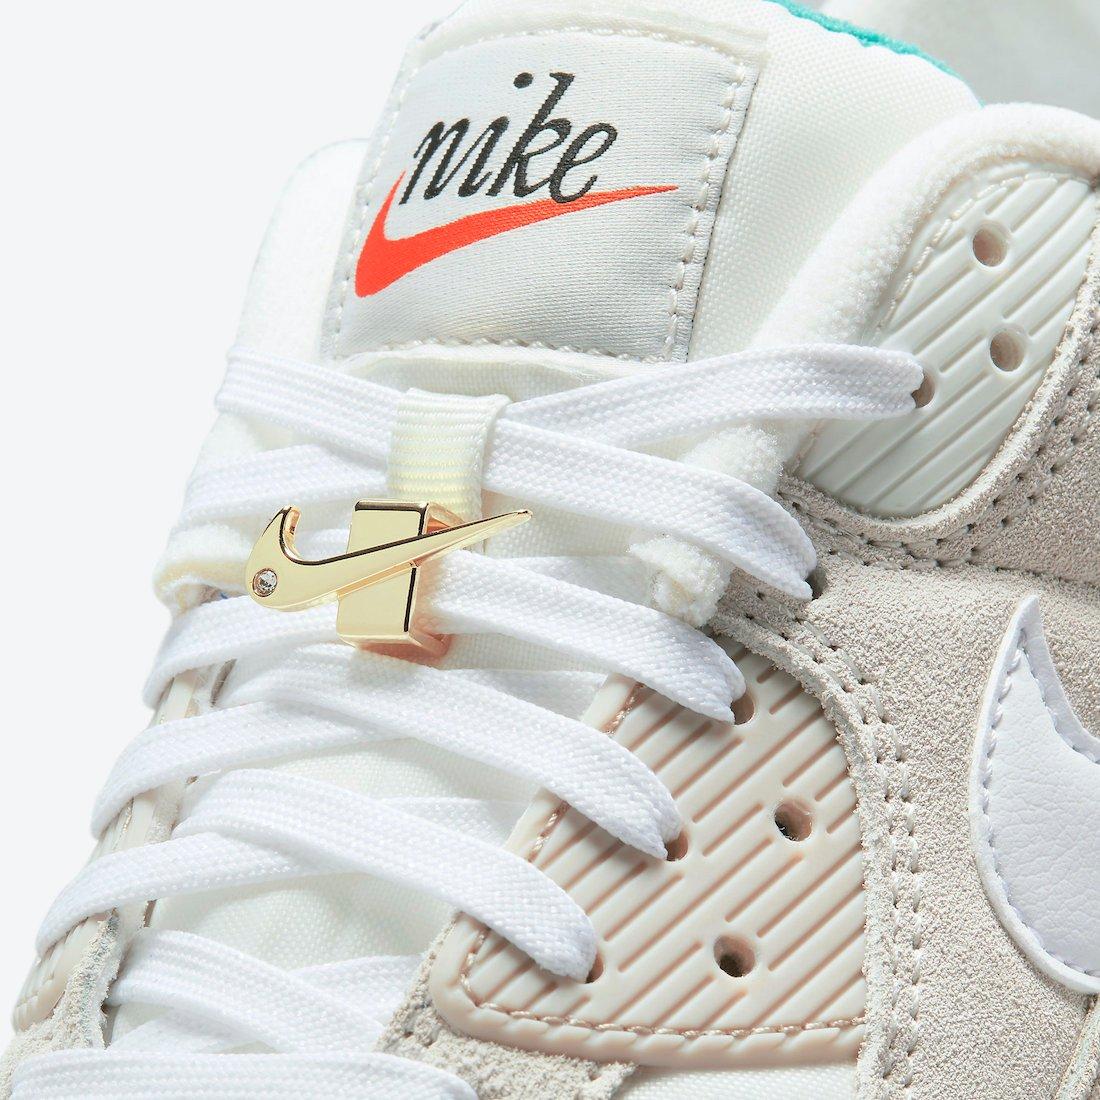 Nike Air Max 90 Sail White Light Bone DB0636-100 Release Date Info